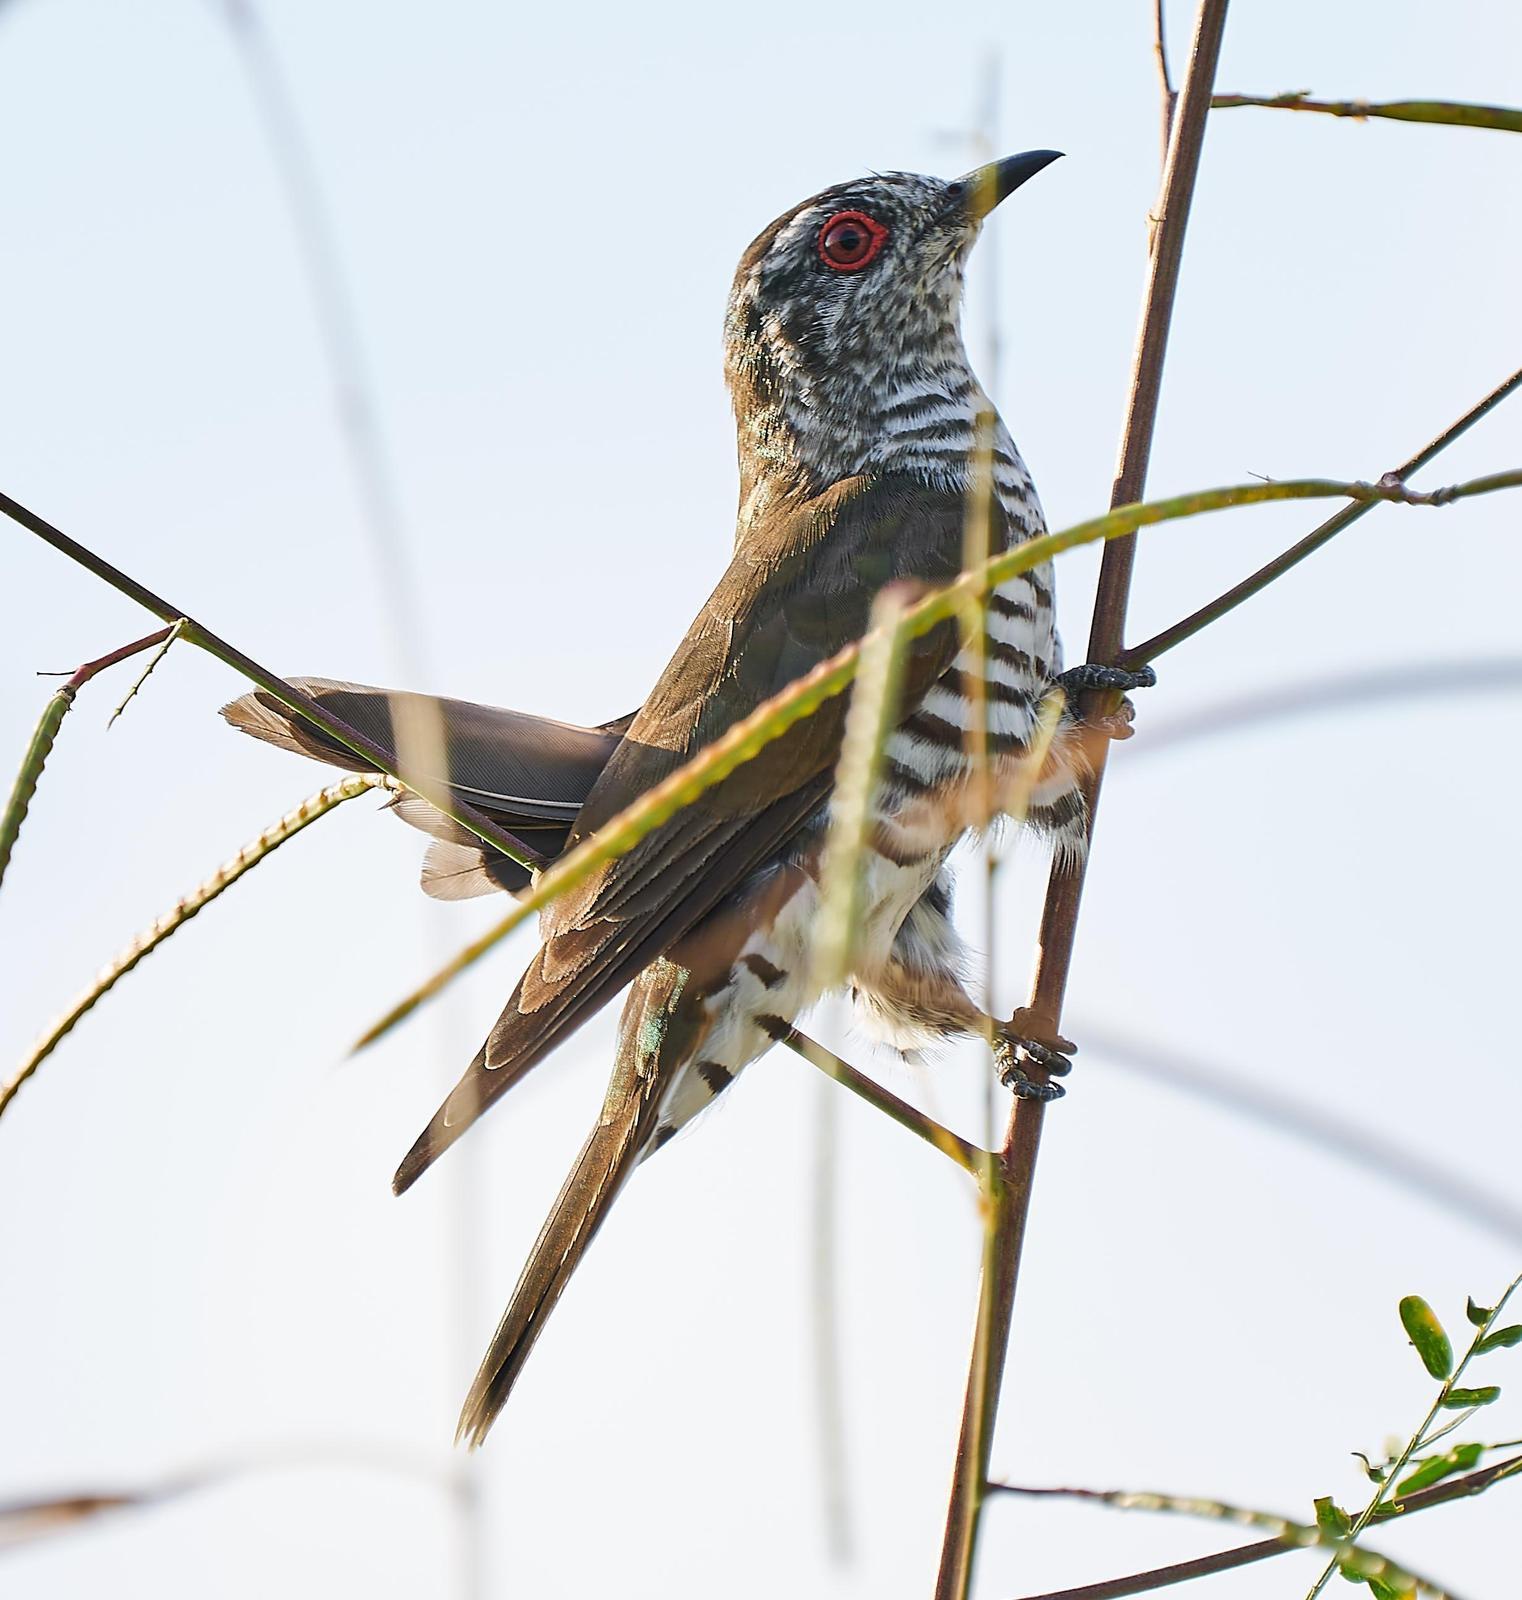 Little Bronze-Cuckoo Photo by Steven Cheong